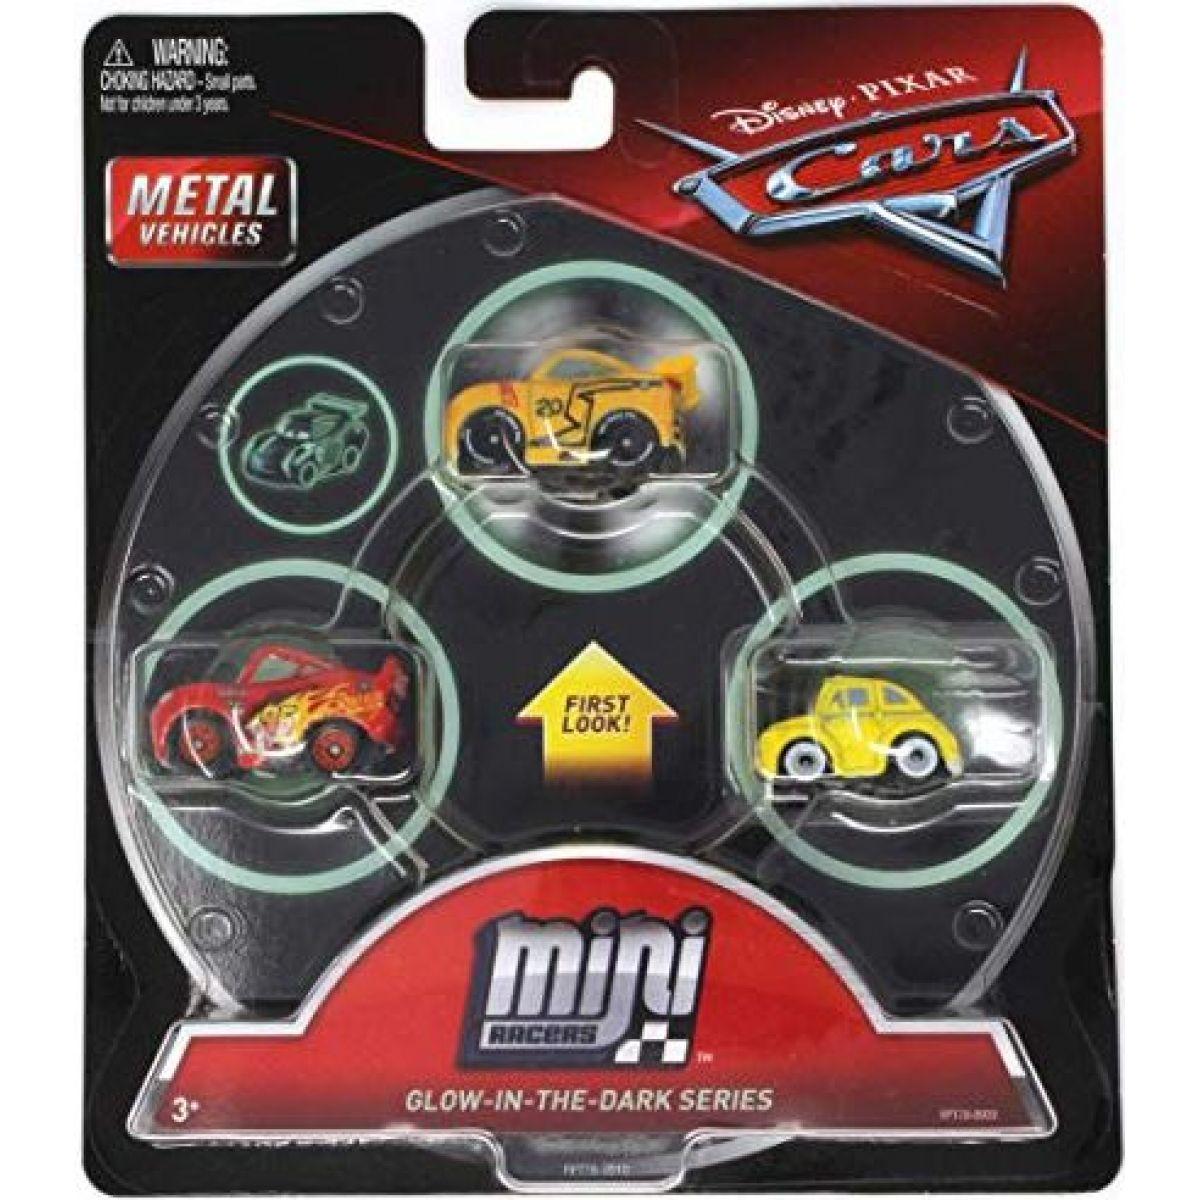 Mattel Cars 3 Mini auta 3ks Glow in the dark series FPT78